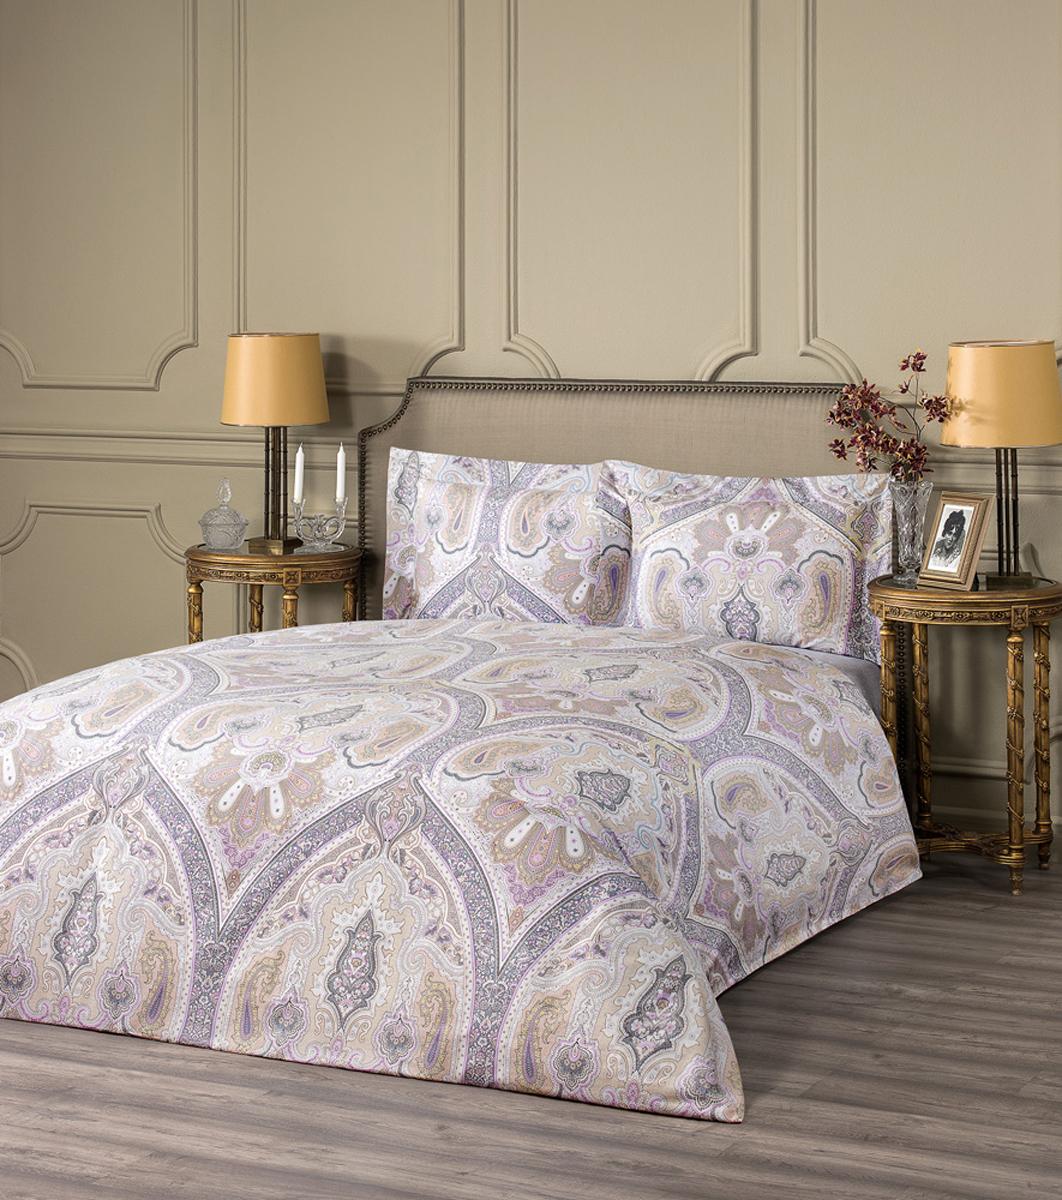 """Комплект белья Estia """"Тиволи"""", 1,5-спальный, наволочки 50x70, цвет: сиреневый"""